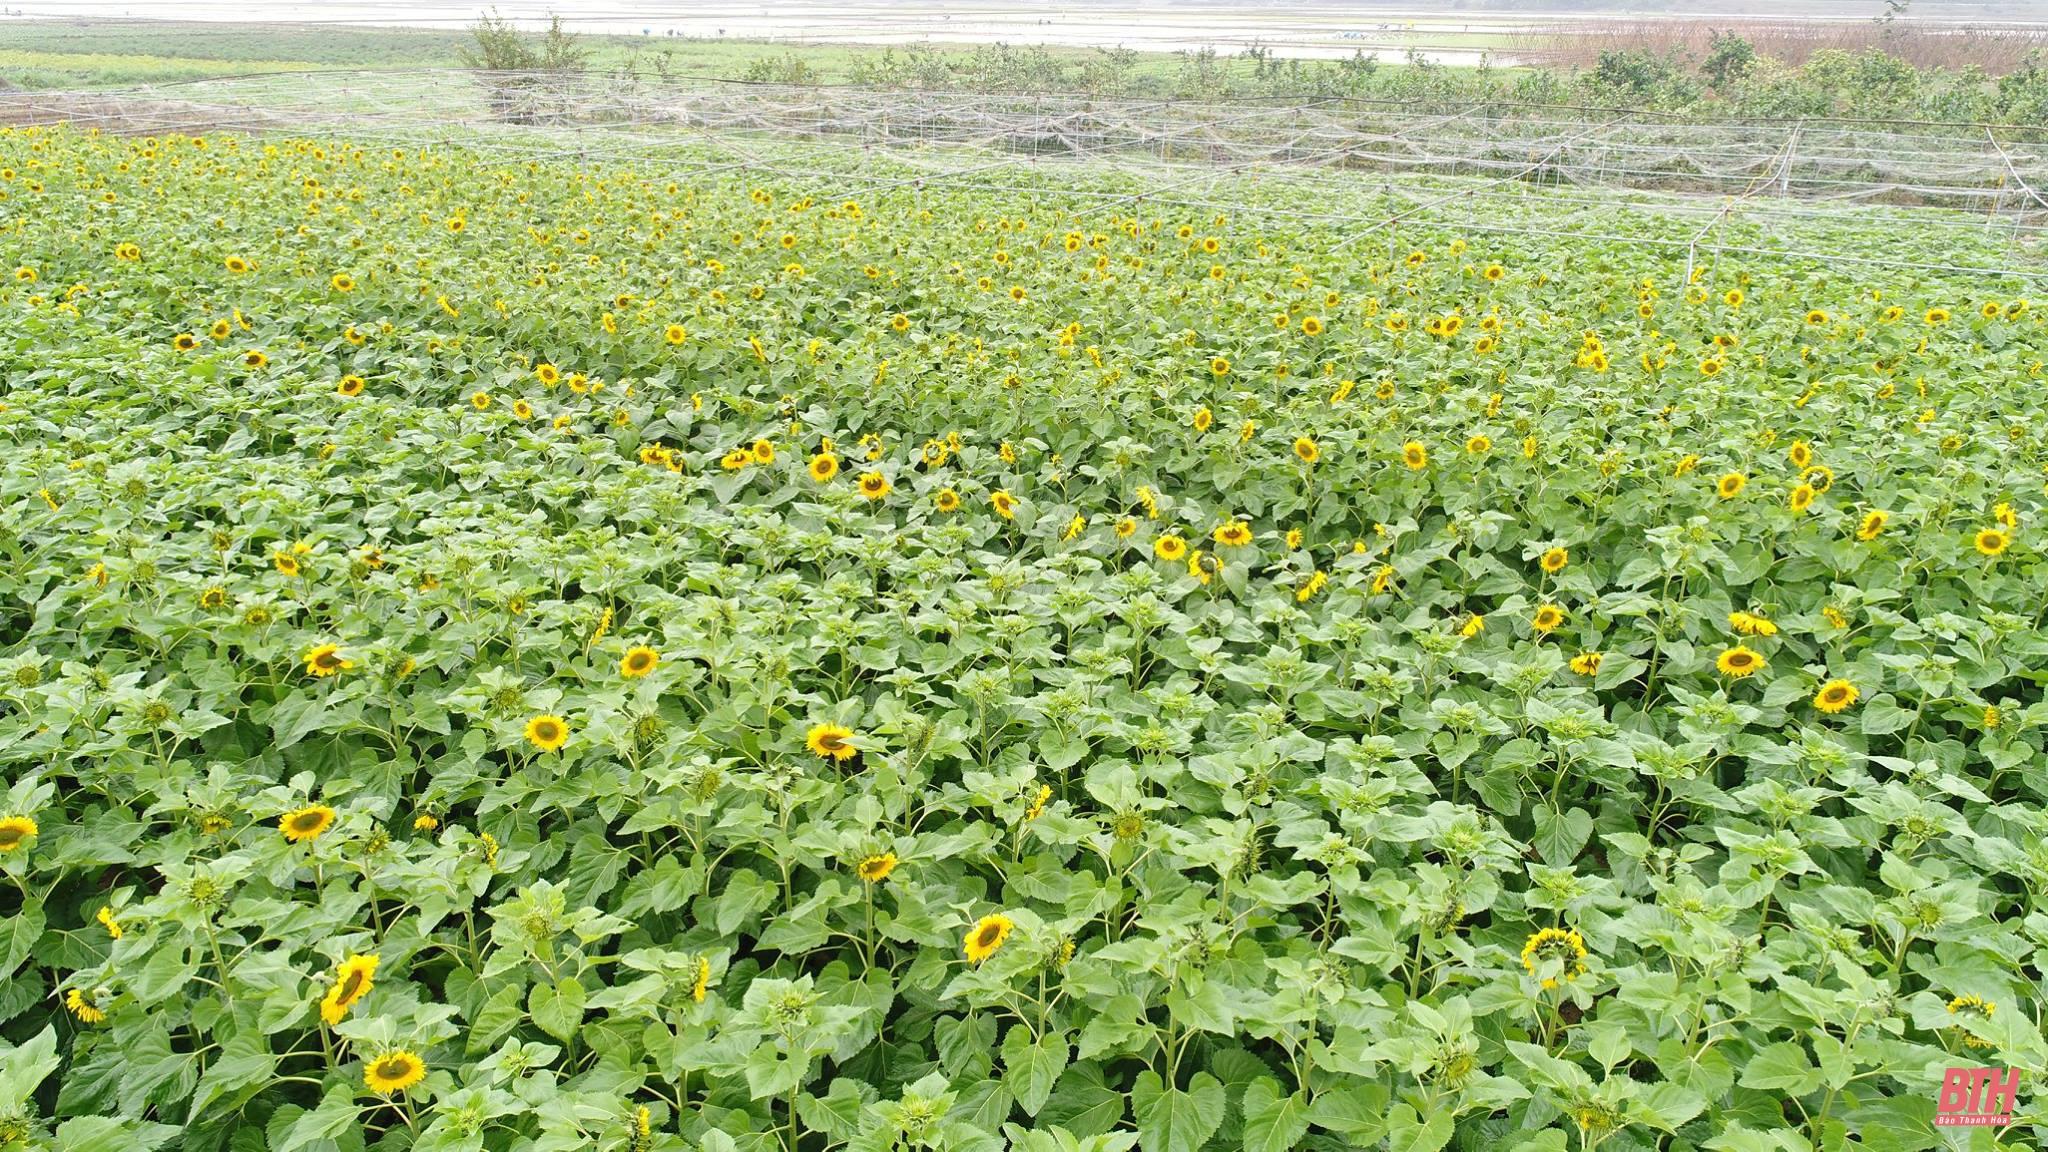 Mê mẩn ngắm nông trại cừu và hoa tại Thanh Hóa